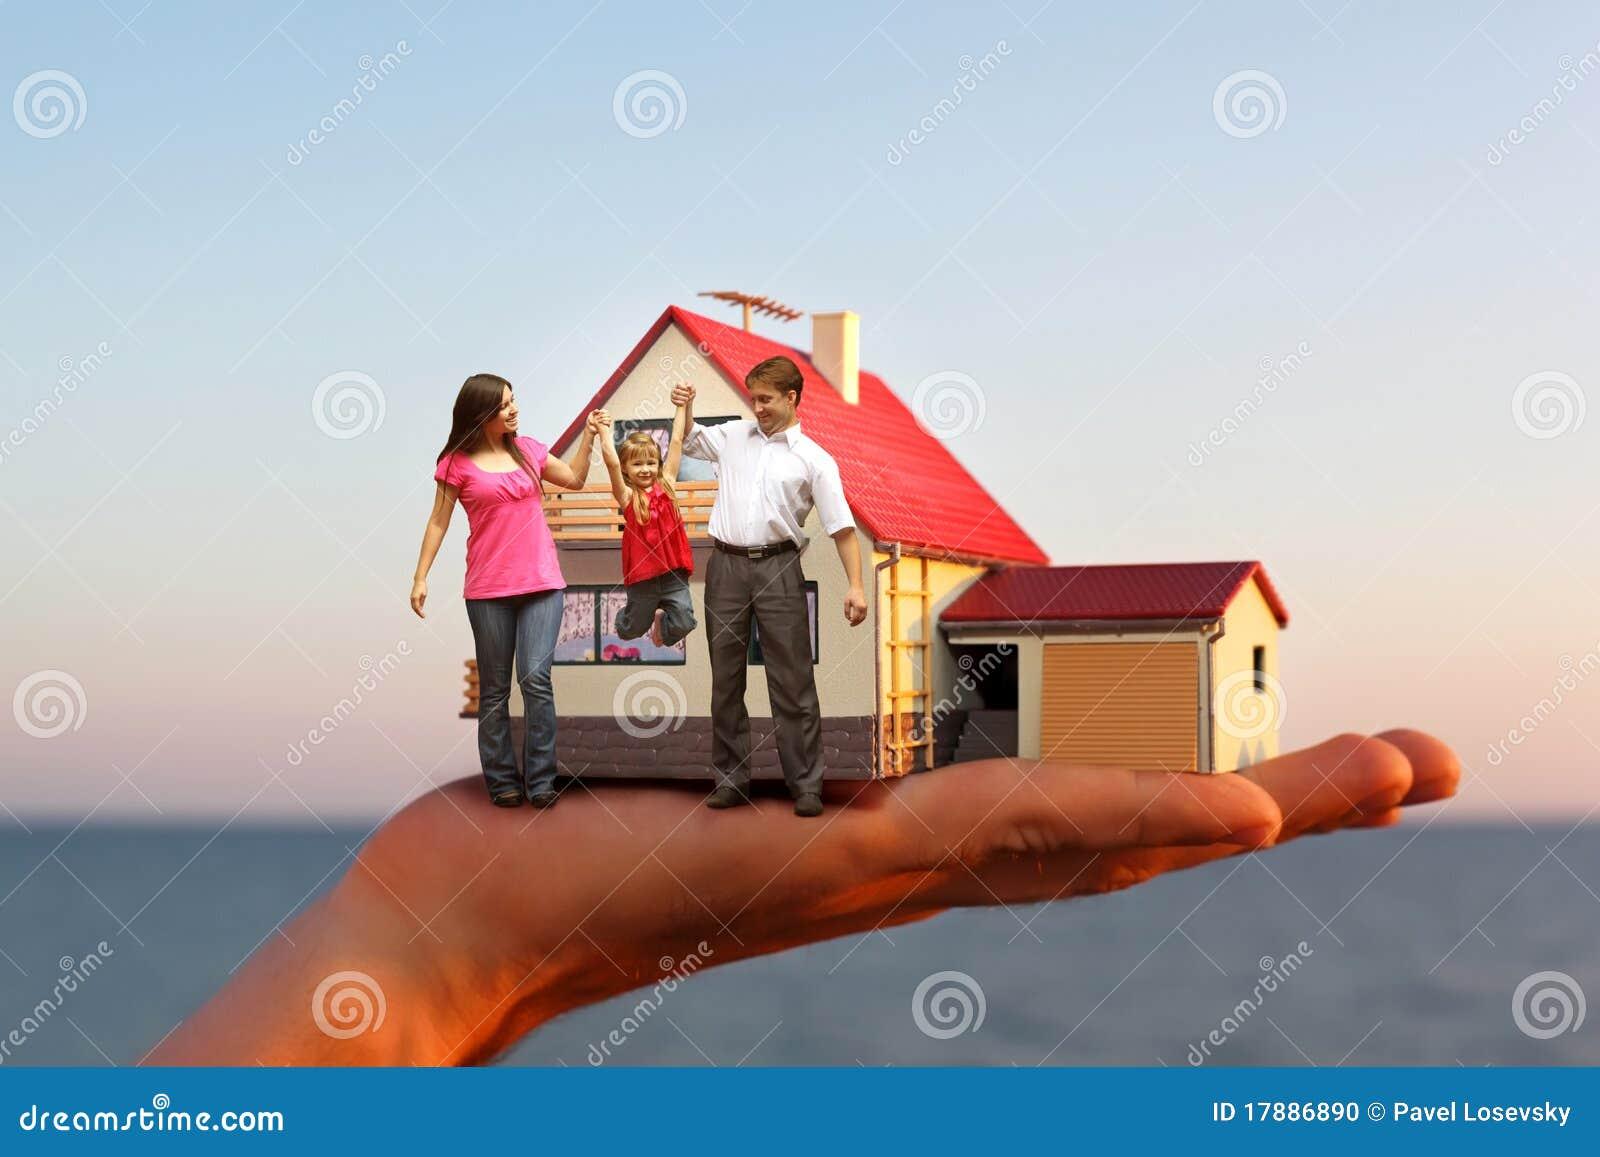 Взять ипотеку в испании с российским гражданством